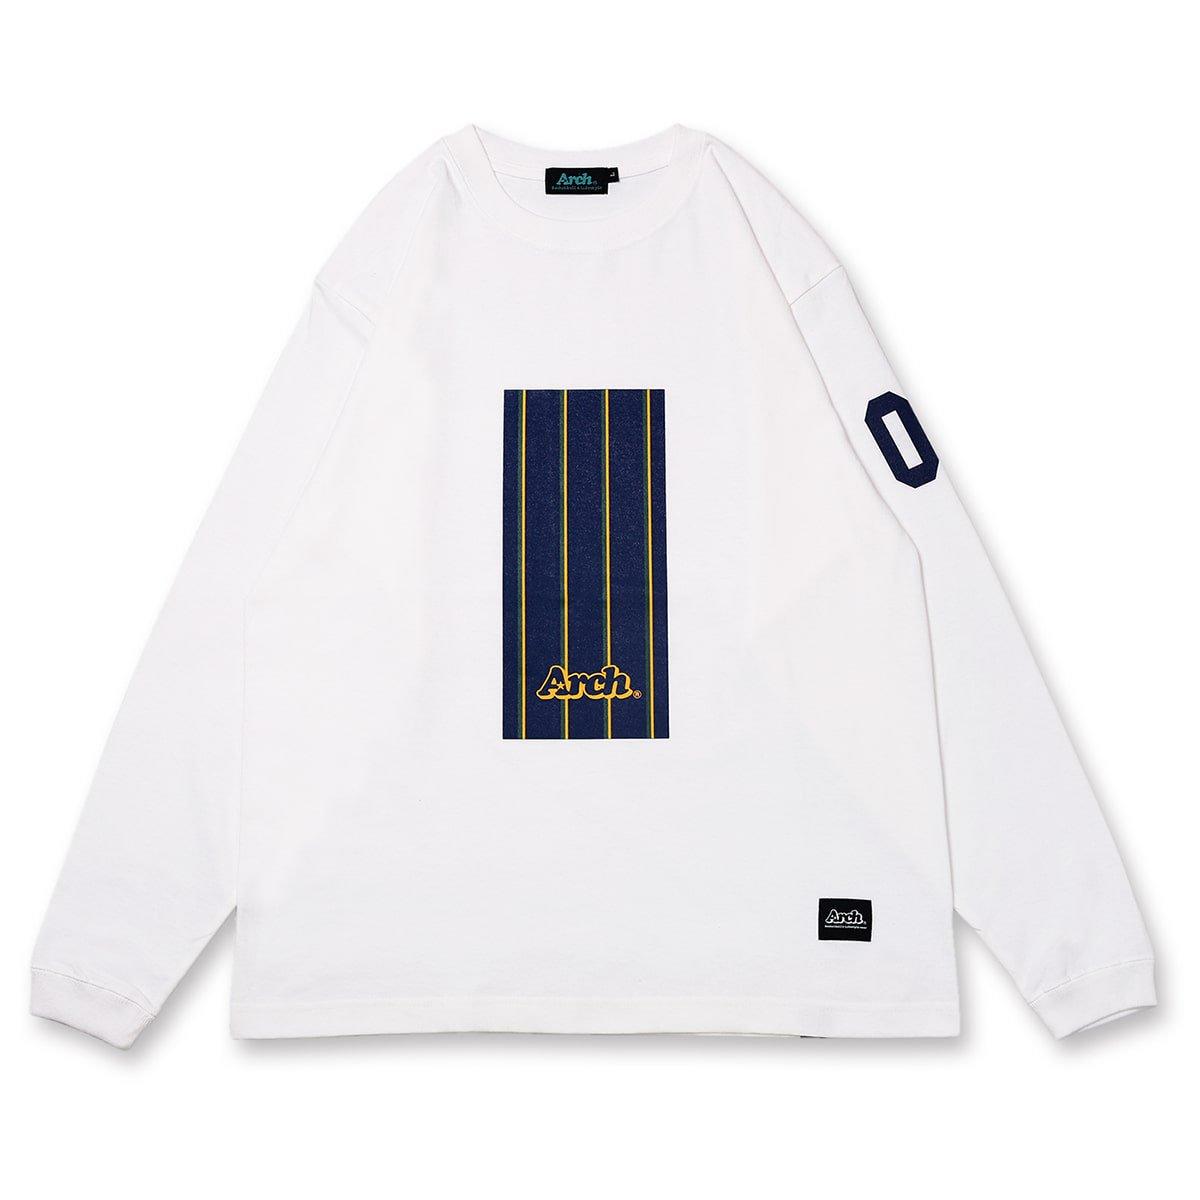 バスケ  アーチ トラッド ボックスL/S Tシャツ ホワイト